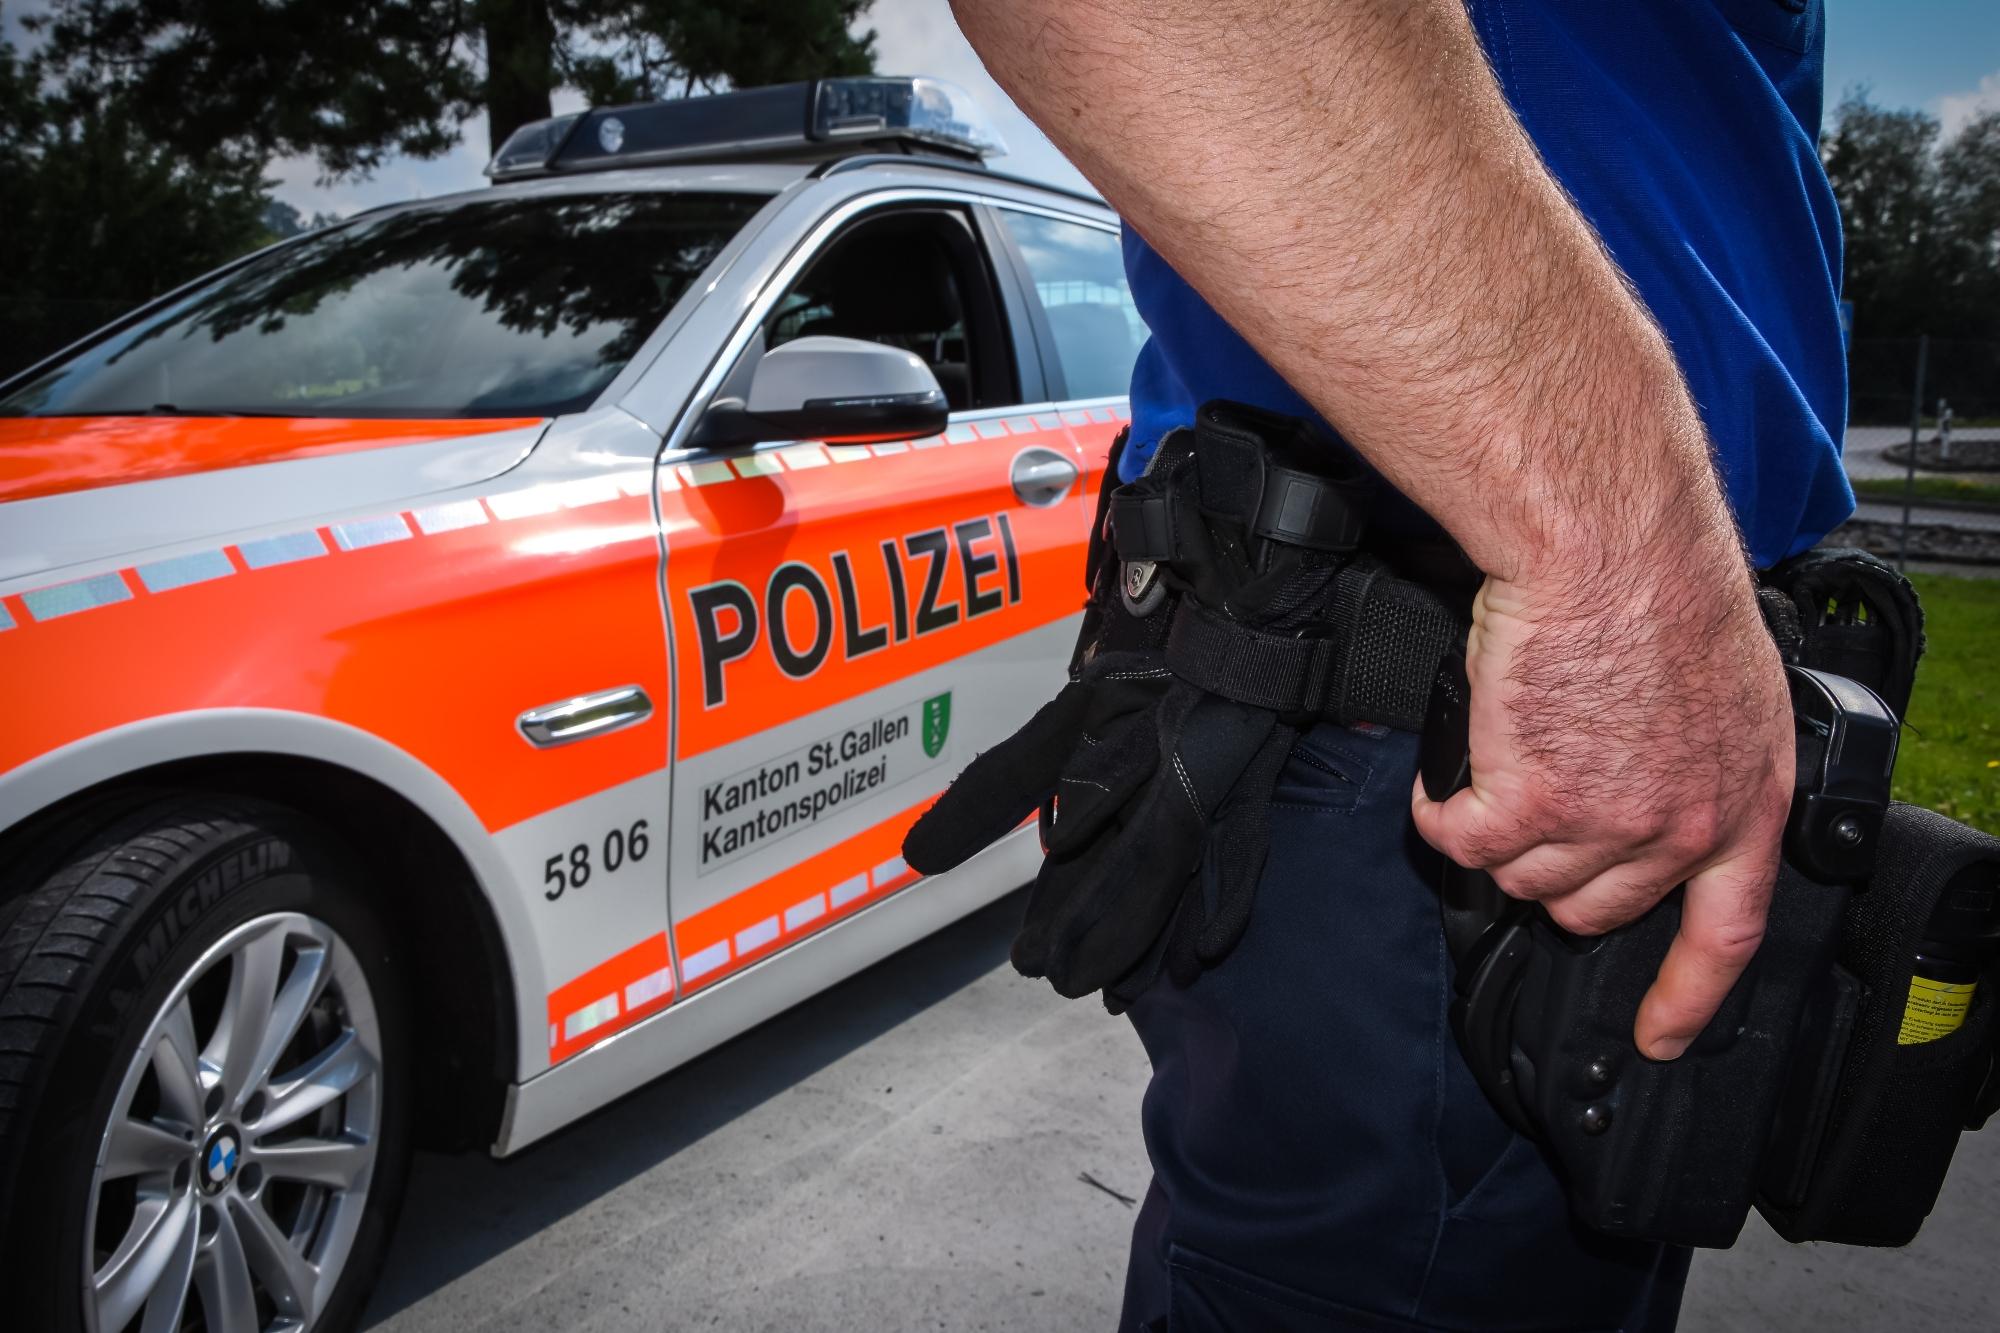 Die Kapo St.Gallen leistet die Verhinderung und Aufklärung von Straftaten. (Bildquelle: Kapo St.Gallen)